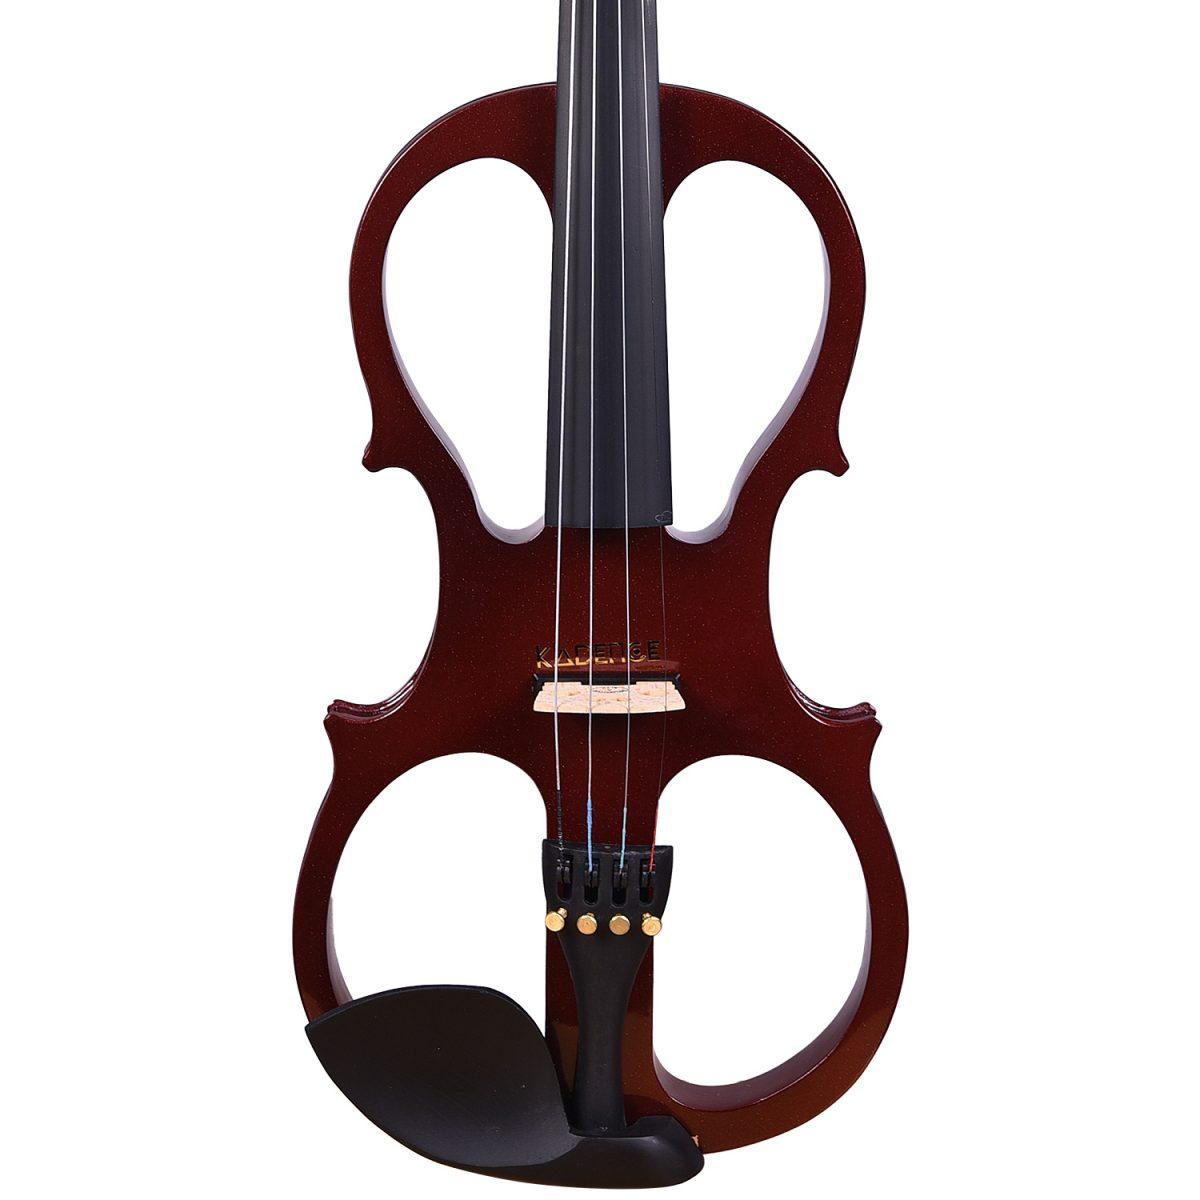 Kadence, Vivaldi 4/4 Electric Violin With Bow, Rosin, Hard Case VE100